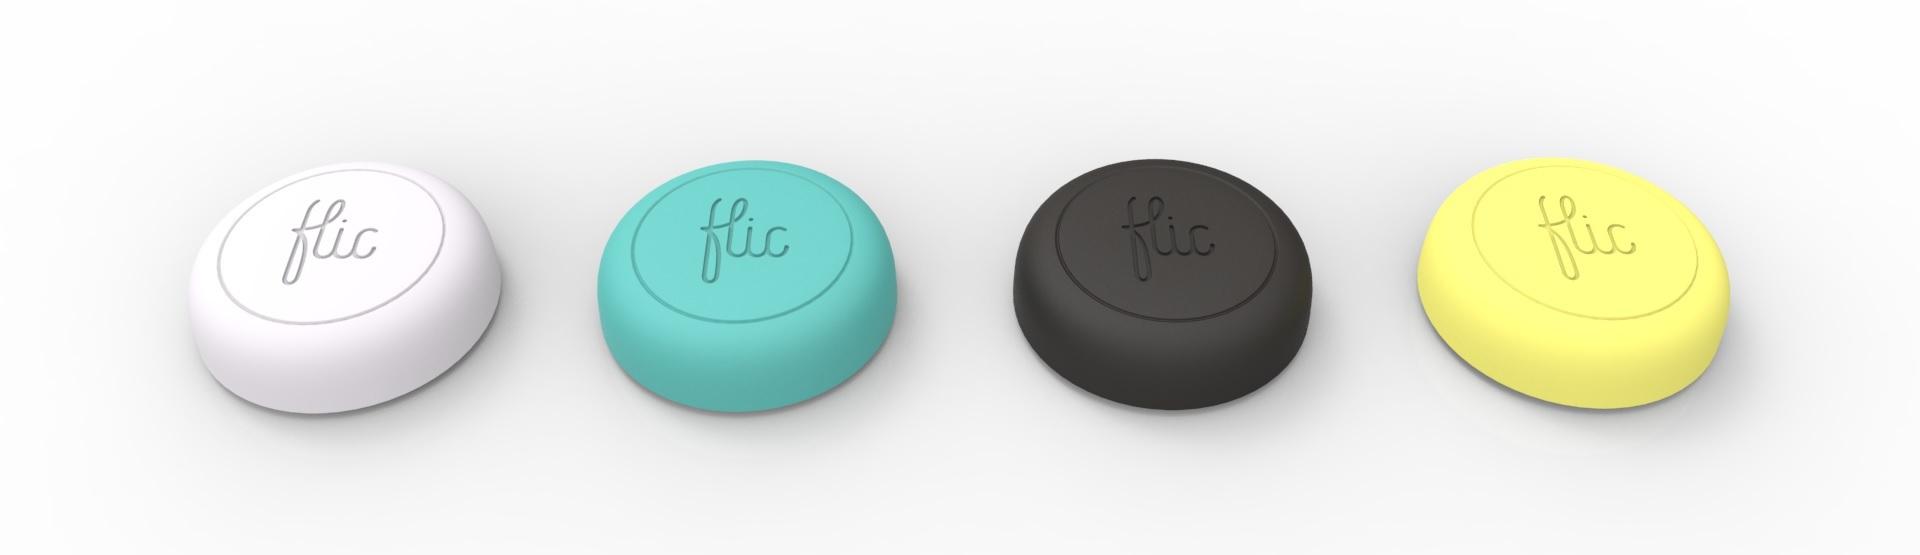 Умная кнопка Flic поможет удаленно управлять смартфоном, бытовой техникой и электроникой - 1